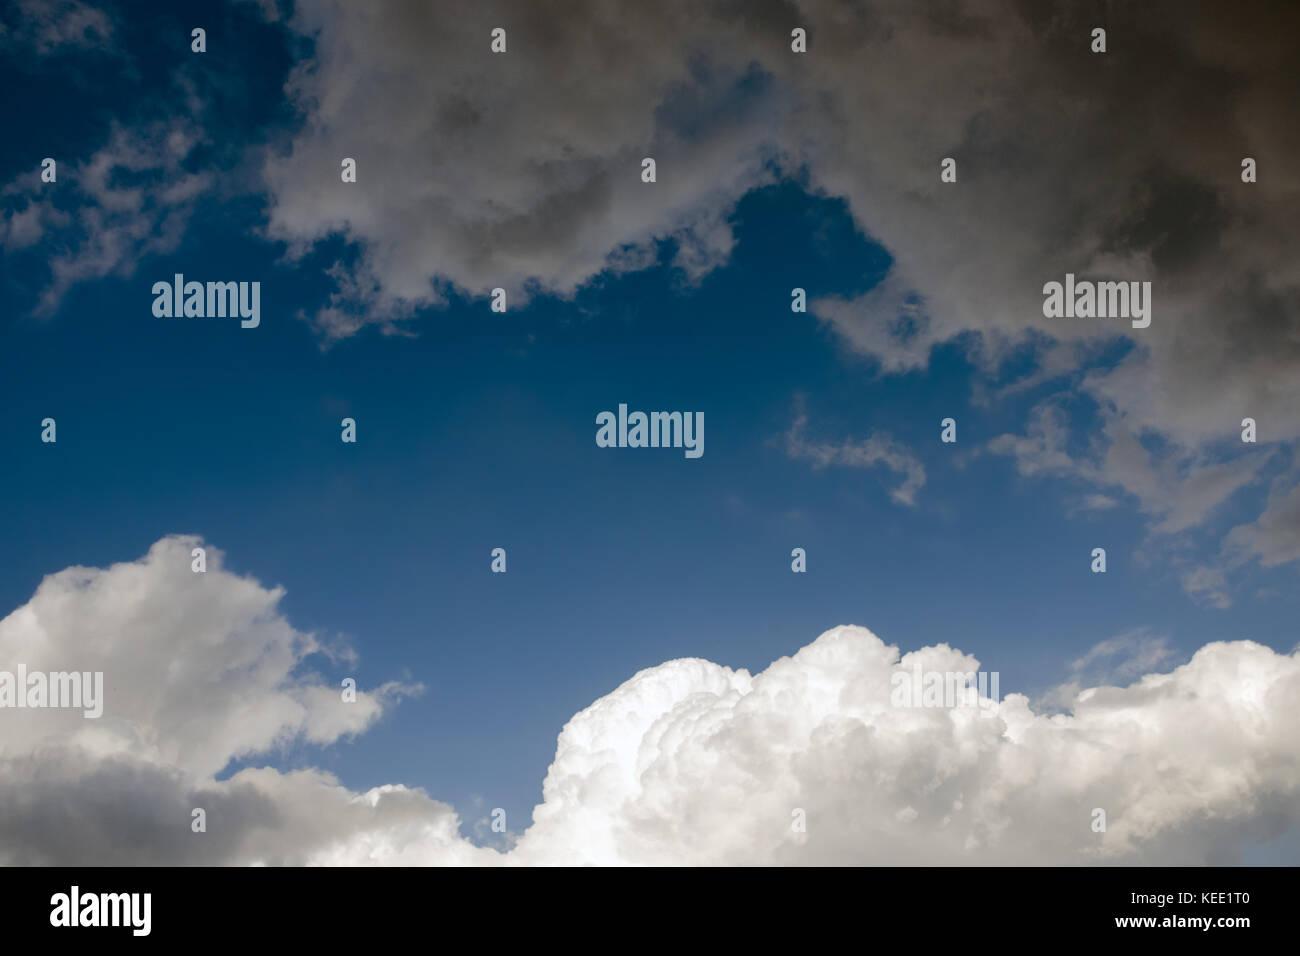 Espectacular cielo gris oscuro con la lluvia y las nubes blancas. resumen el enfrentamiento. Imagen De Stock